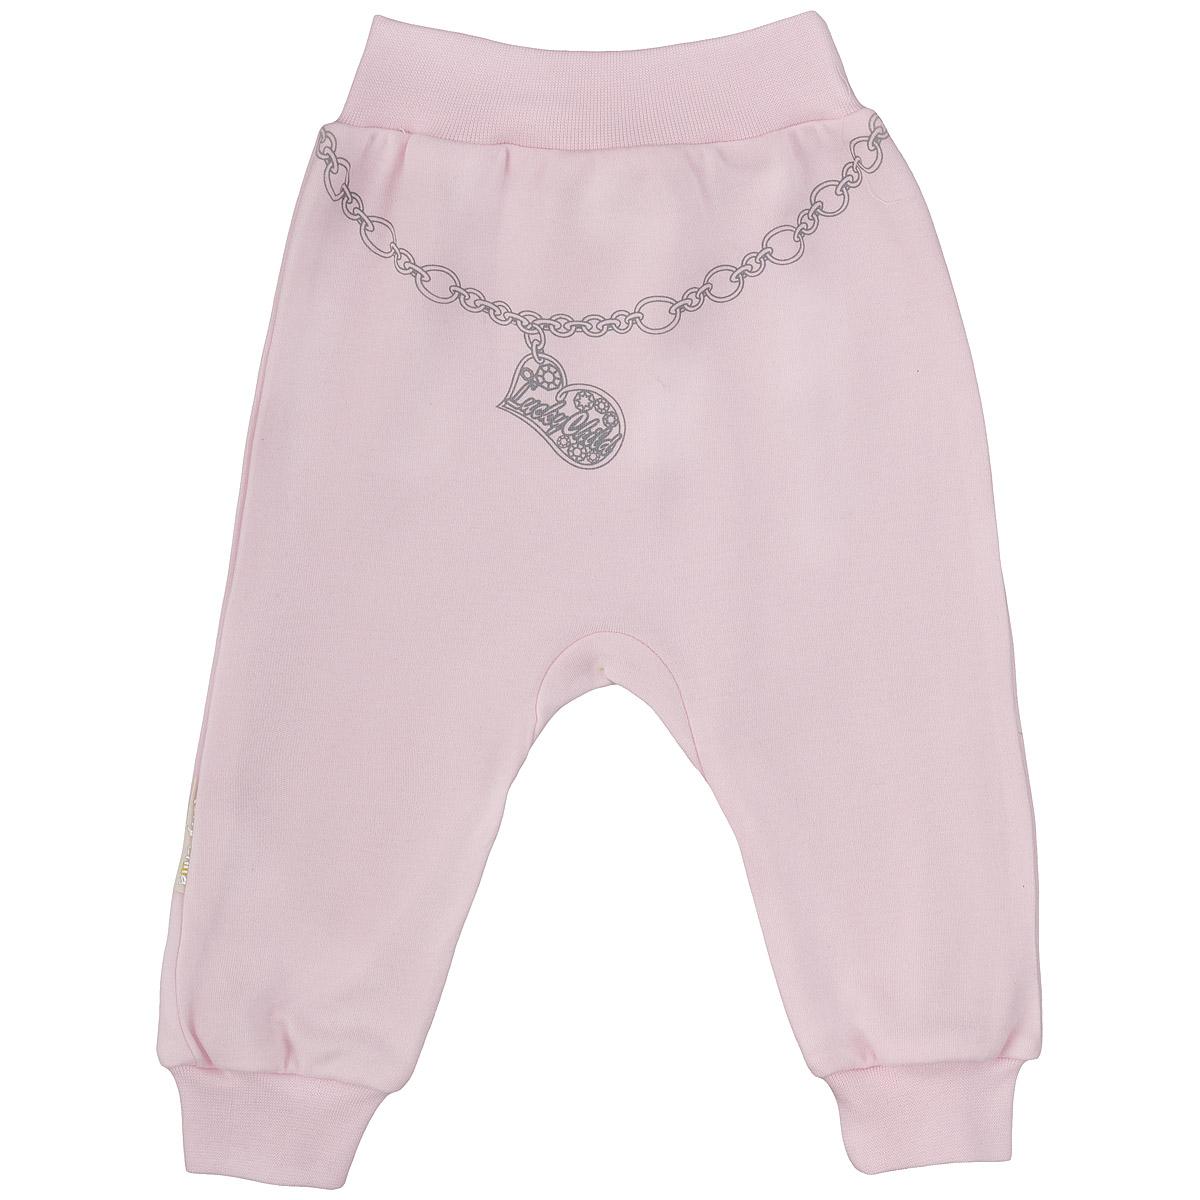 Штанишки на широком поясе для девочки Lucky Child, цвет: розовый. 2-11. Размер 68/742-11Удобные штанишки для девочки Lucky Child на широком поясе послужат идеальным дополнением к гардеробу вашей малышки. Штанишки, изготовленные из интерлока - натурального хлопка, необычайно мягкие и легкие, не раздражают нежную кожу ребенка и хорошо вентилируются, а эластичные швы приятны телу младенца и не препятствуют его движениям. Штанишки благодаря мягкому эластичному поясу не сдавливают животик ребенка и не сползают, обеспечивая ему наибольший комфорт, идеально подходят для ношения с подгузником и без него. Снизу брючины дополнены широкими трикотажными манжетами, не пережимающими ножку. Спереди они оформлены оригинальным принтом в виде цепочки с подвеской.Штанишки очень удобный и практичный вид одежды для малышей, которые уже немного подросли. Отлично сочетаются с футболками, кофточками и боди.В таких штанишках вашей малышке будет уютно и комфортно!